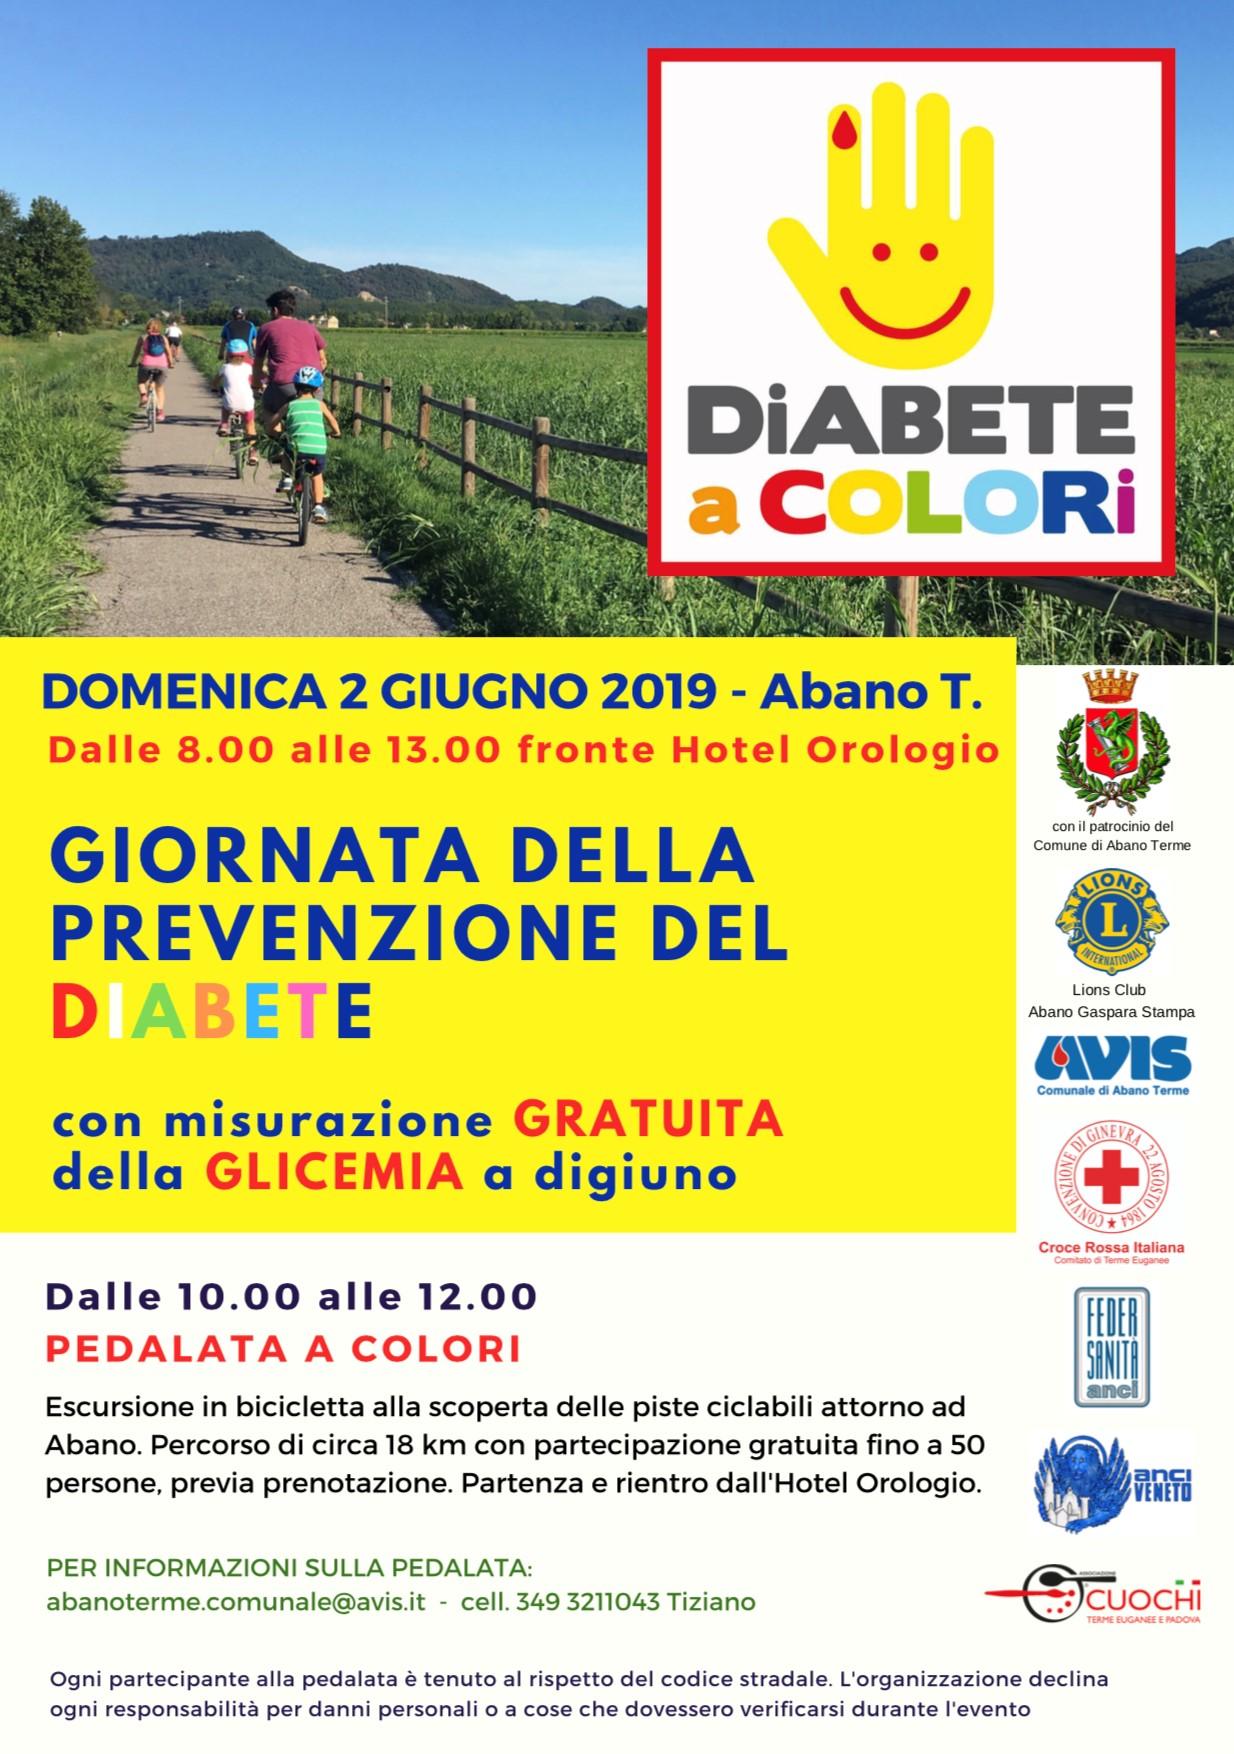 Calendario Manifestazioni Abano Terme.2 Giugno 2019 Lc Abano Gaspara Stampa Giornata Della